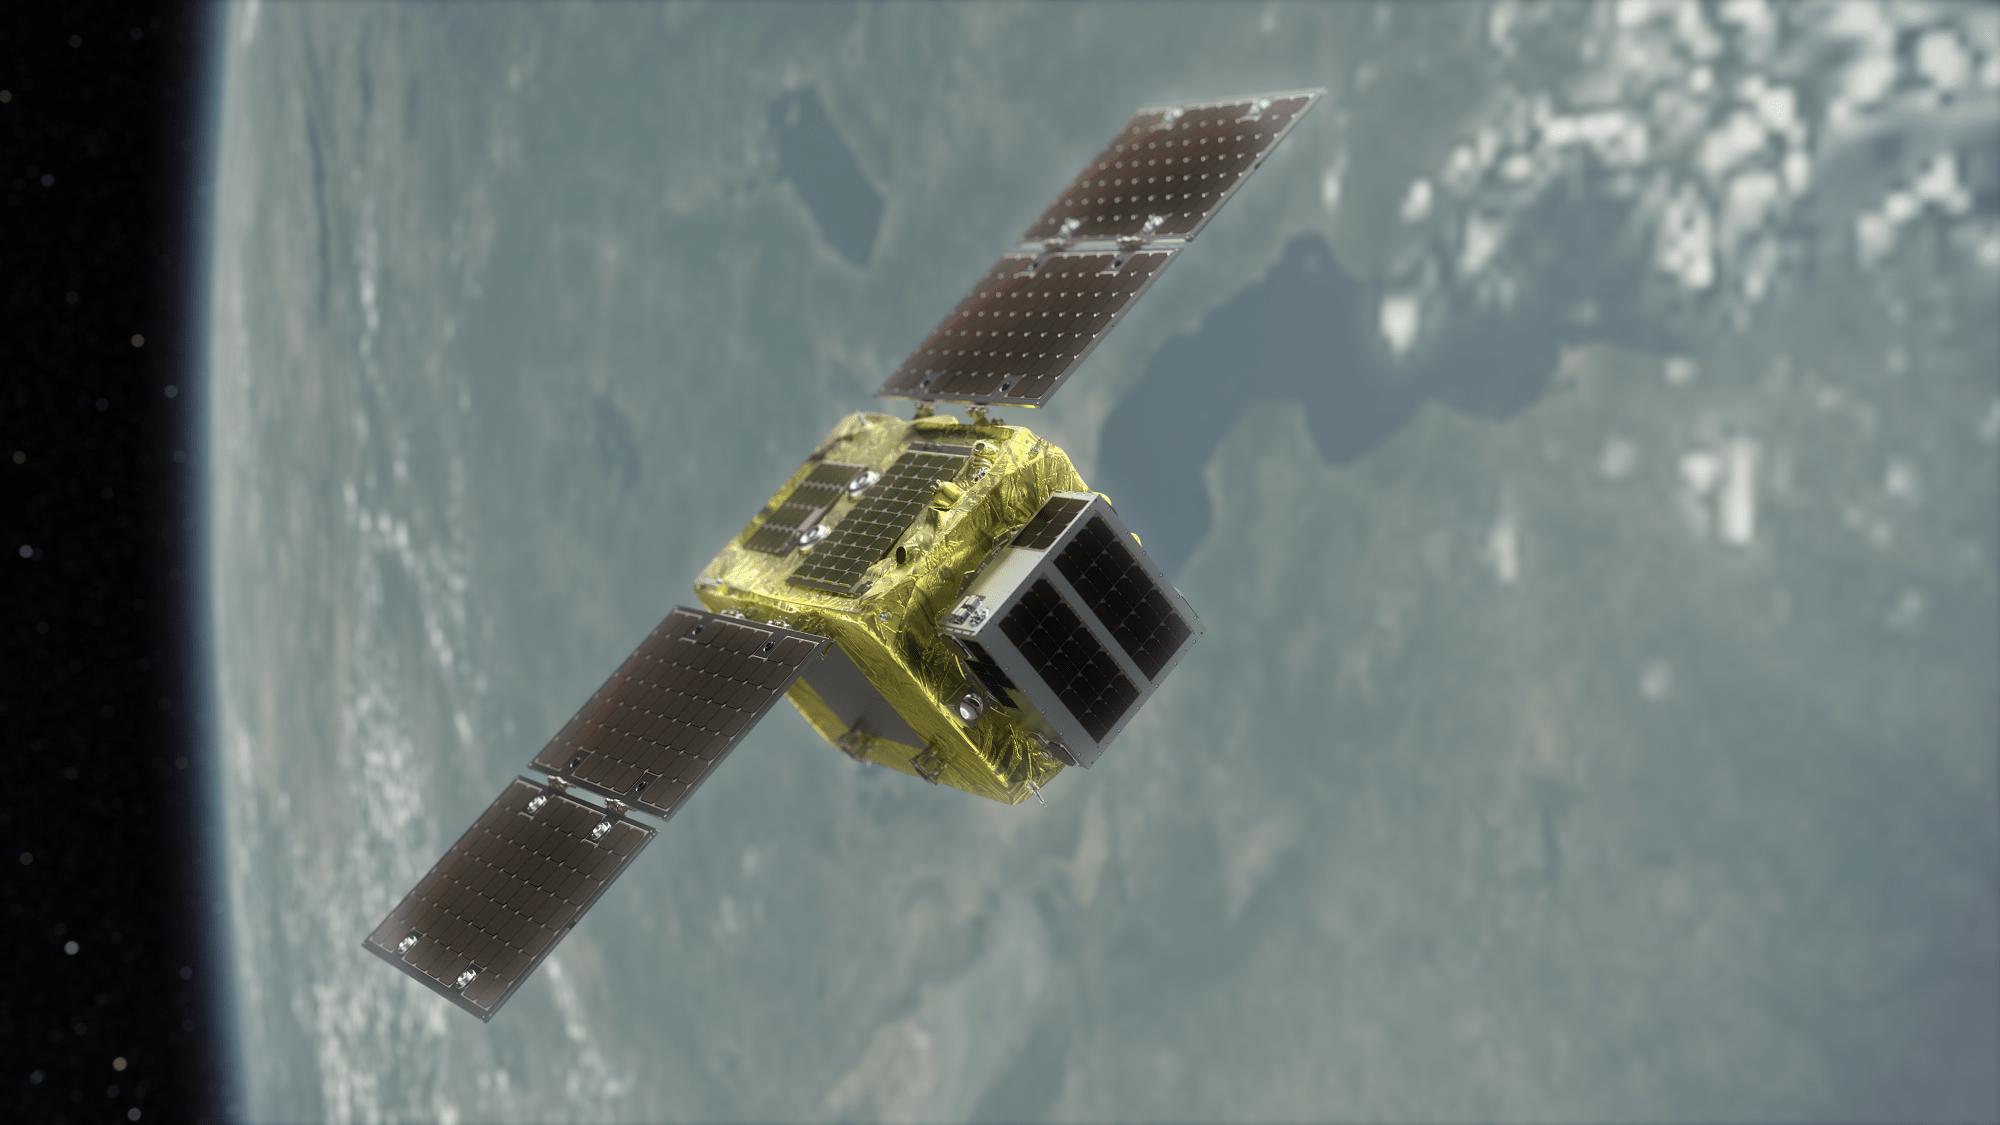 Un render dei due satelliti Astroscale: il Target e il Chaser. Credits: Astroscale